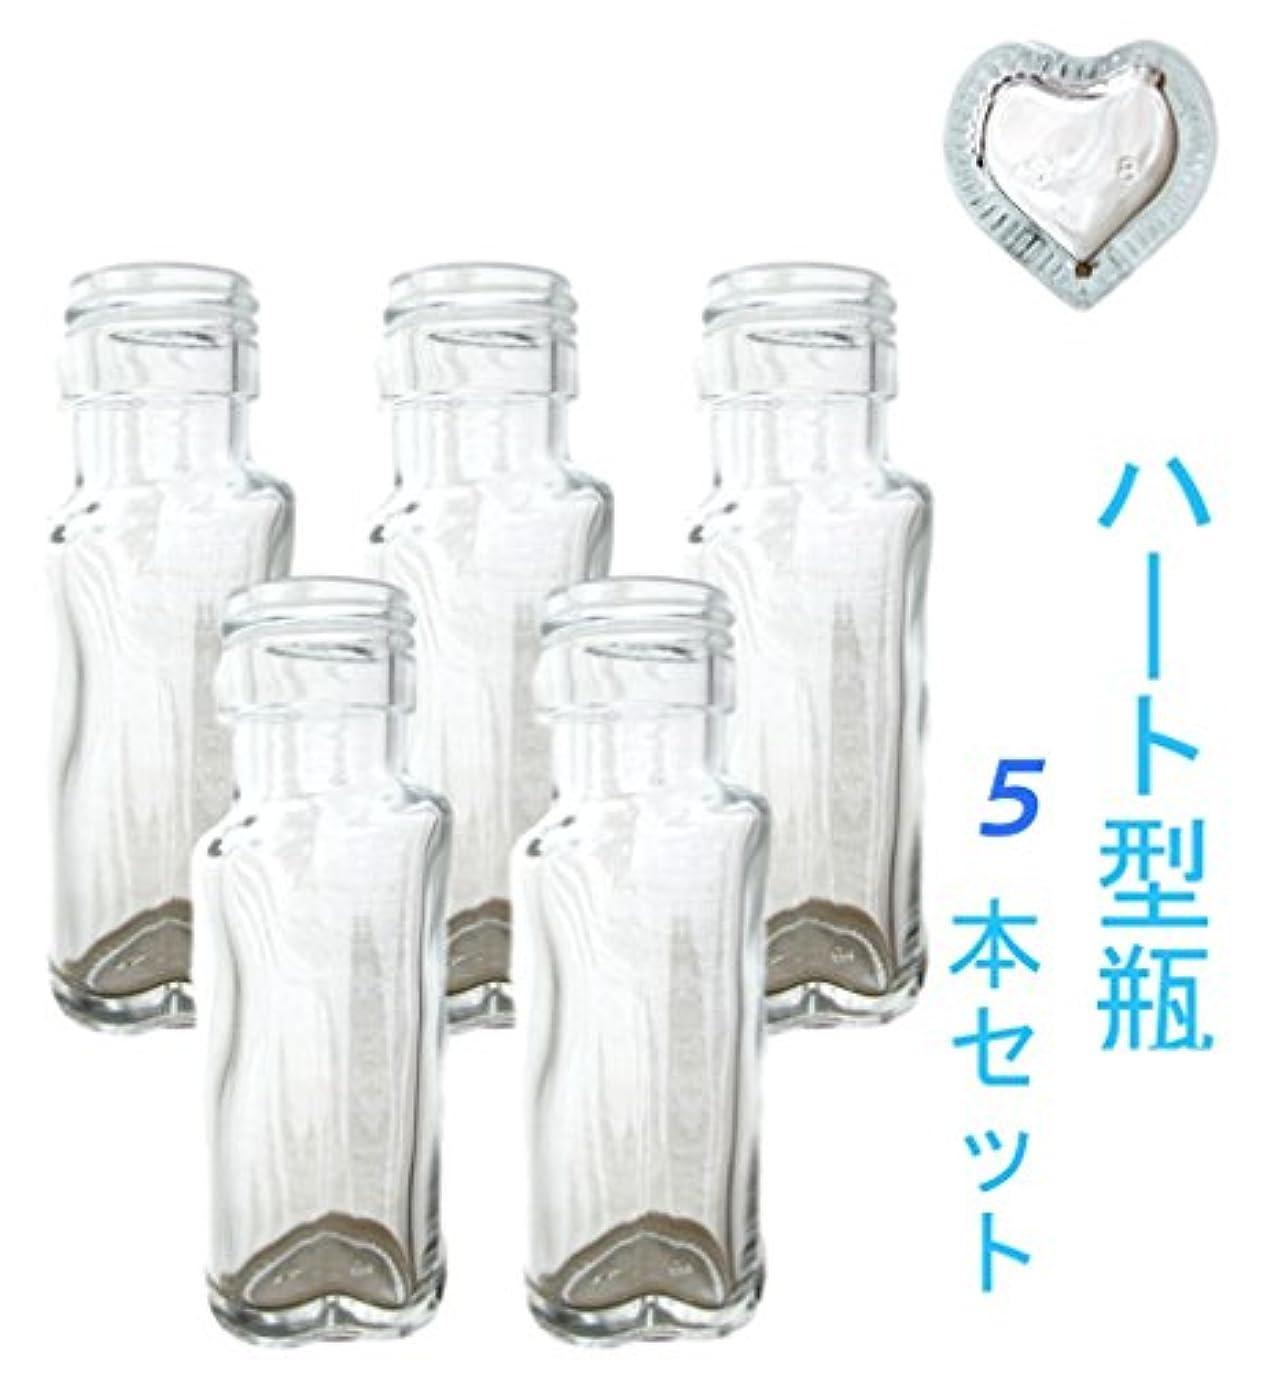 トチの実の木対抗してはいけない(ジャストユーズ) JustU's 日本製 ポリ栓 中栓付きハート型ガラス瓶 5本セット 50cc 50ml アロマデュフューザー ハーバリウム 調味料 オイル タレ ドレッシング瓶 B5-SSH50A-KAS